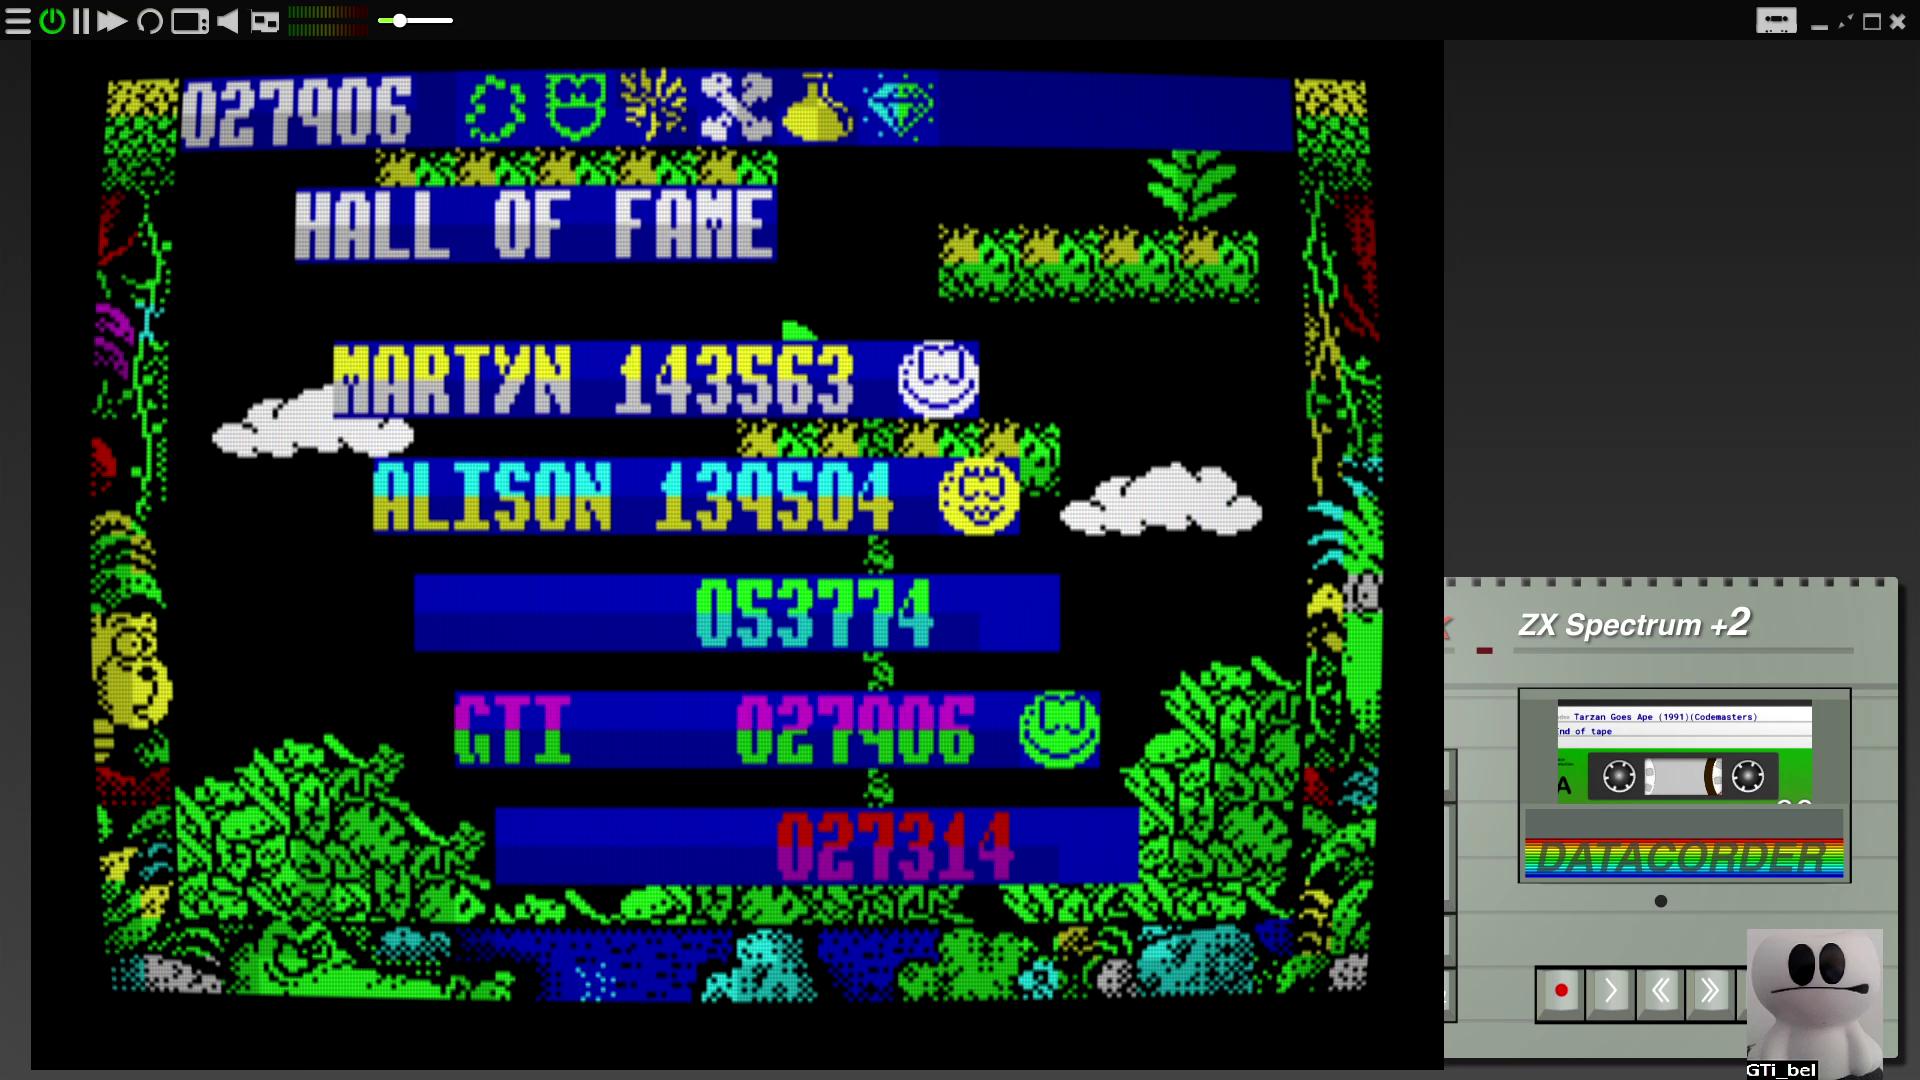 GTibel: Tarzan Goes Ape (ZX Spectrum Emulated) 27,906 points on 2020-08-06 06:28:38